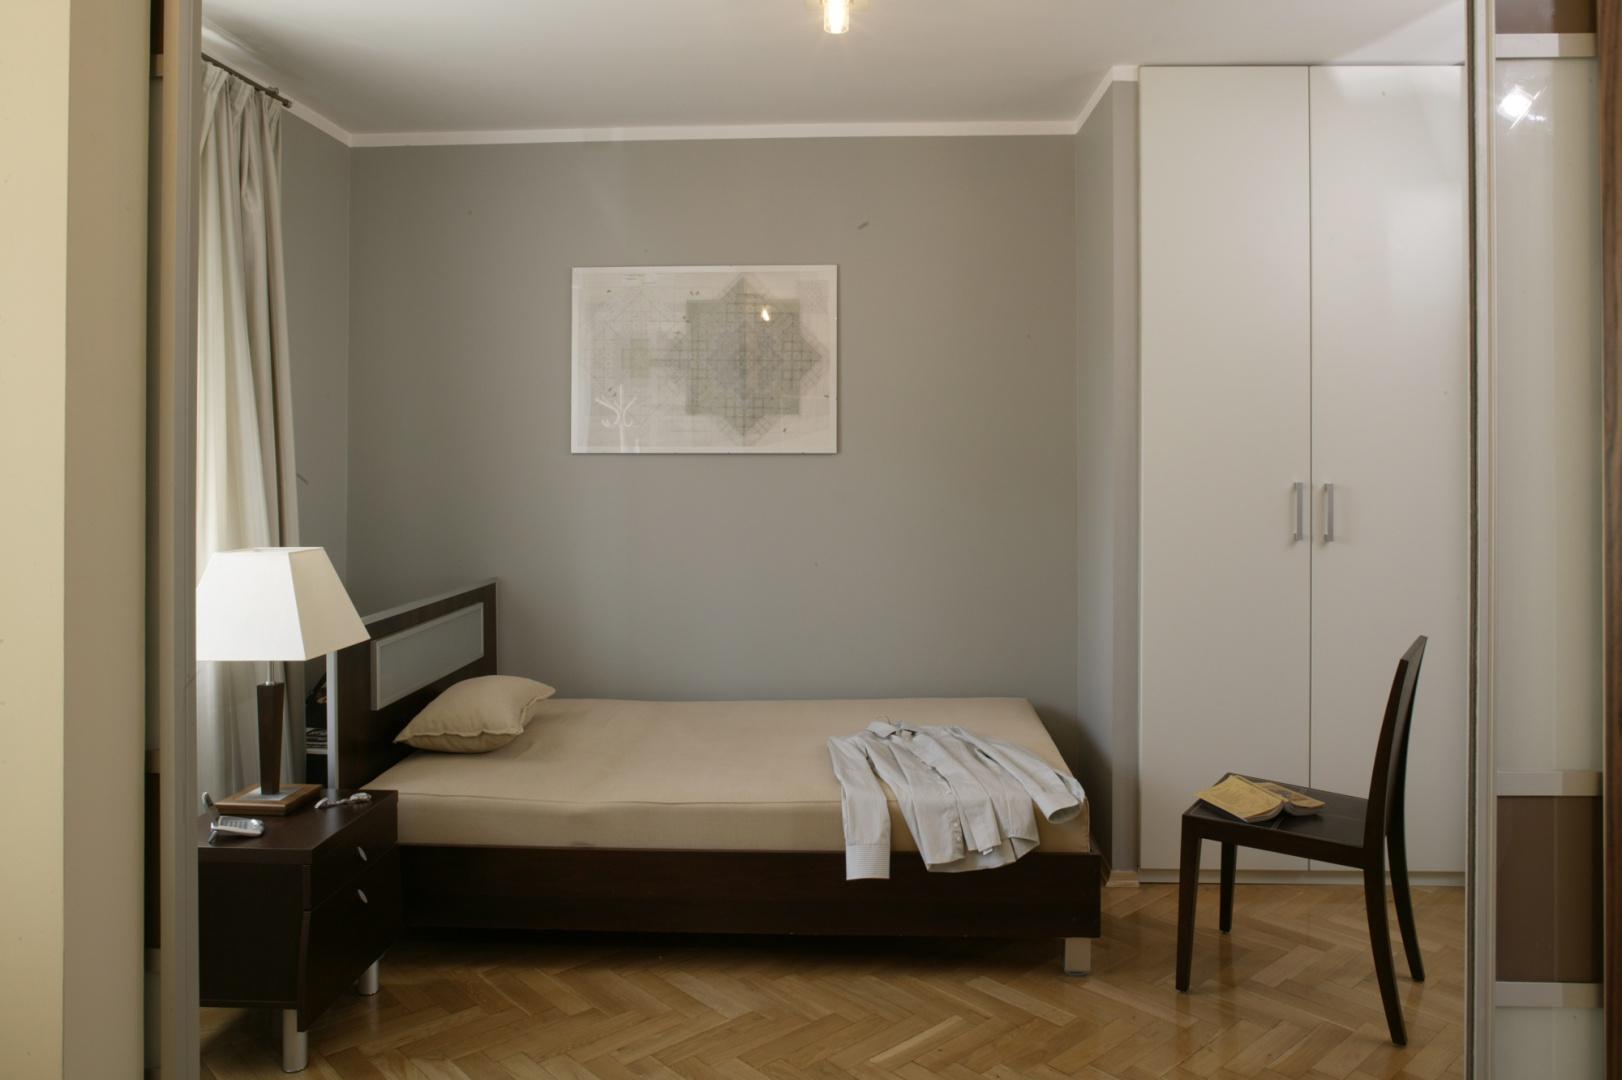 W sypialni znalazły się tylko niezbędne meble: proste łóżko z nocnym stolikiem, wykonane z szarego mdf-u dwie szafy, wieszaki na ubrania oraz krzesło. Fot. Bartosz Jarosz.